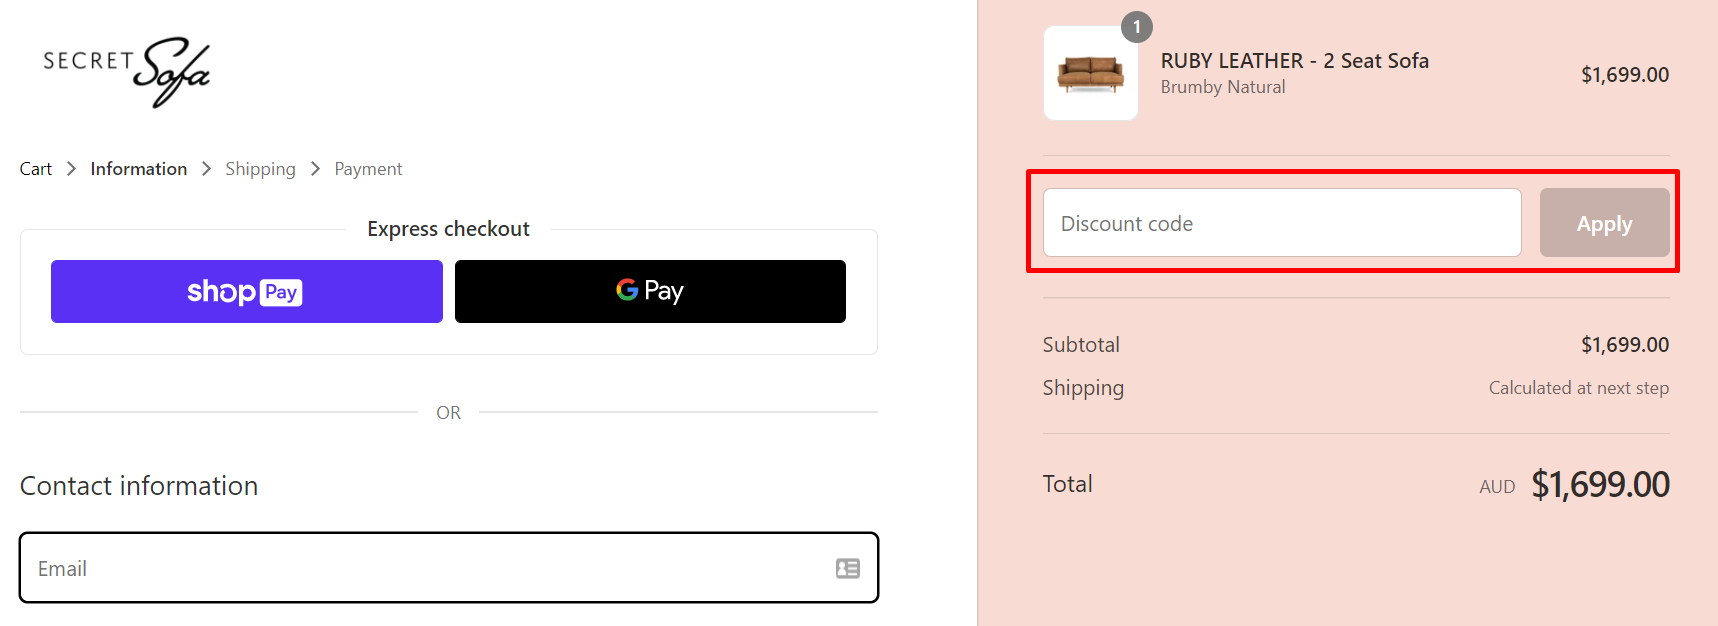 How do I use my Secret sofa discount code?